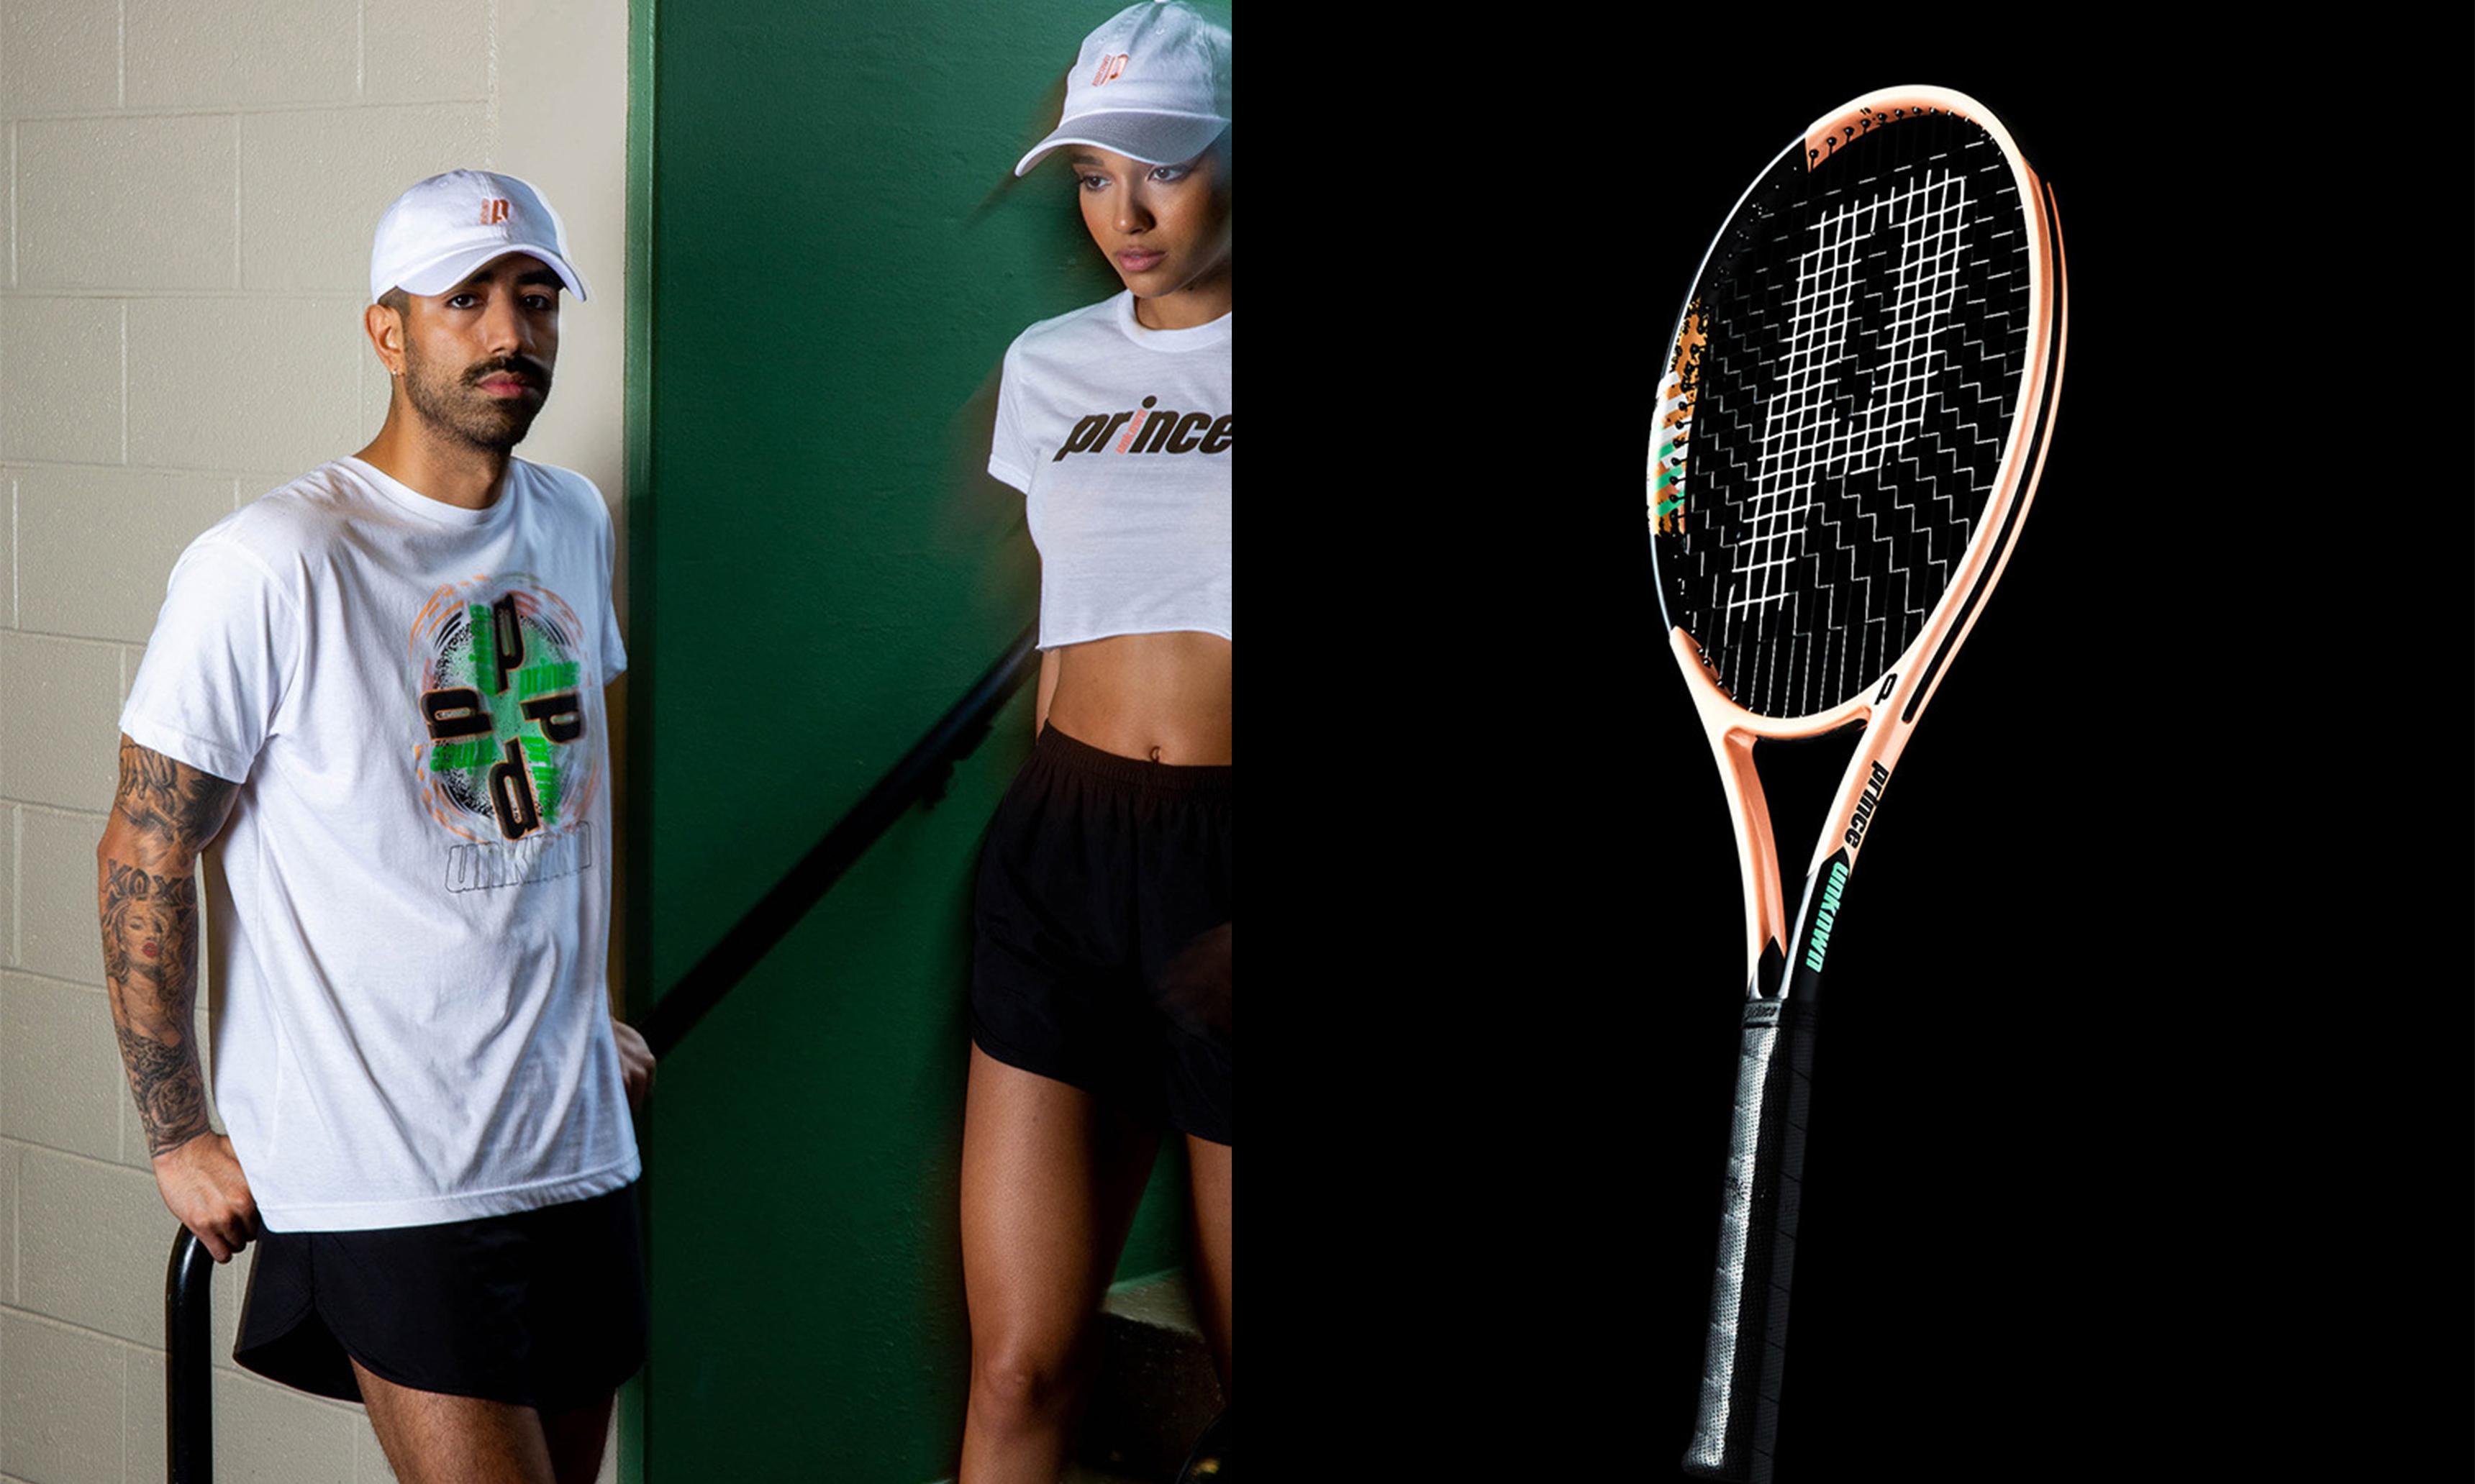 勒布朗·詹姆斯主理潮流店铺 UNKNWN 与网球品牌 Prince 合作